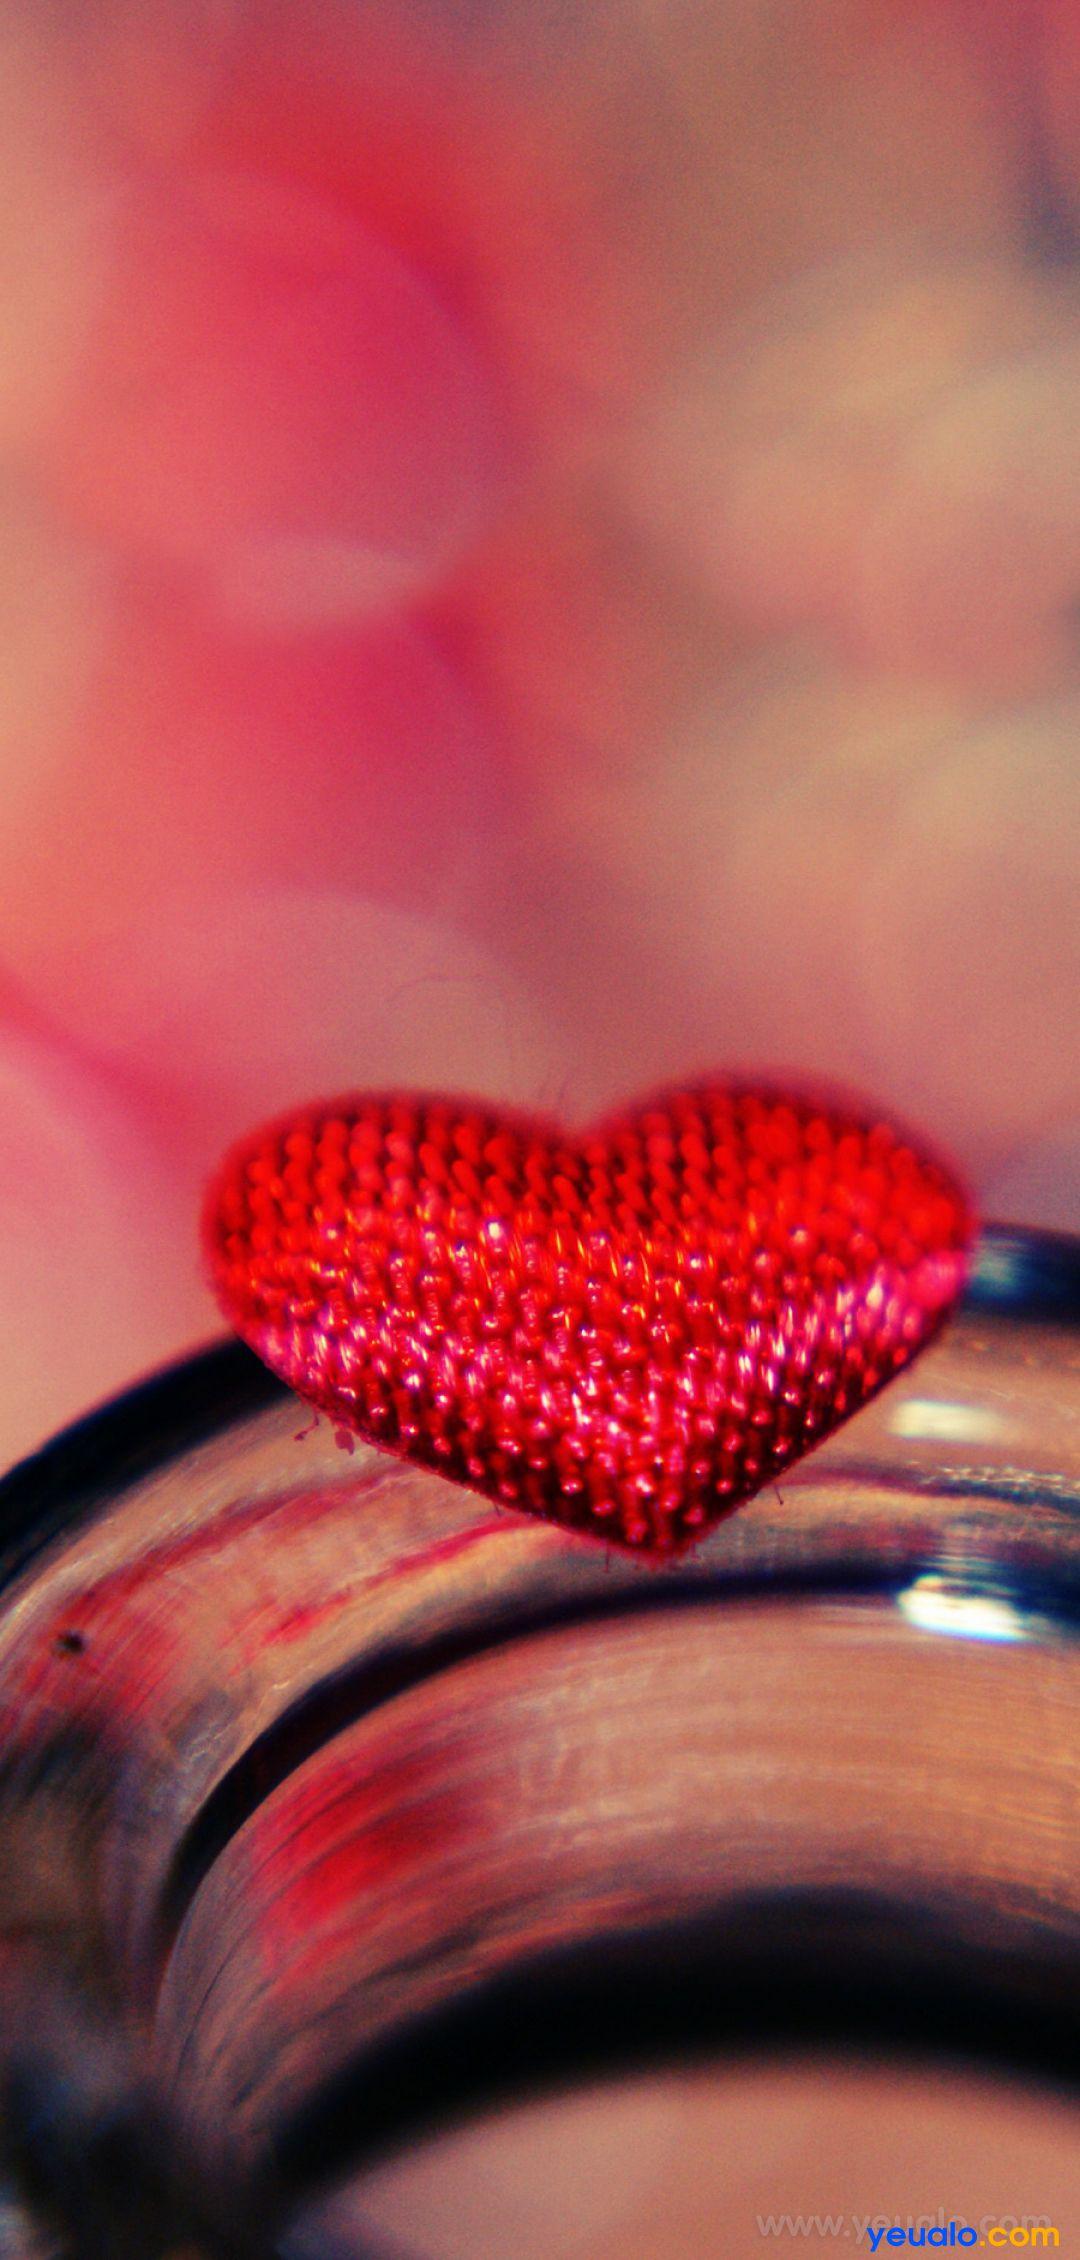 Hình nền trái tim tình yêu đẹp điện thoại Samsung 17